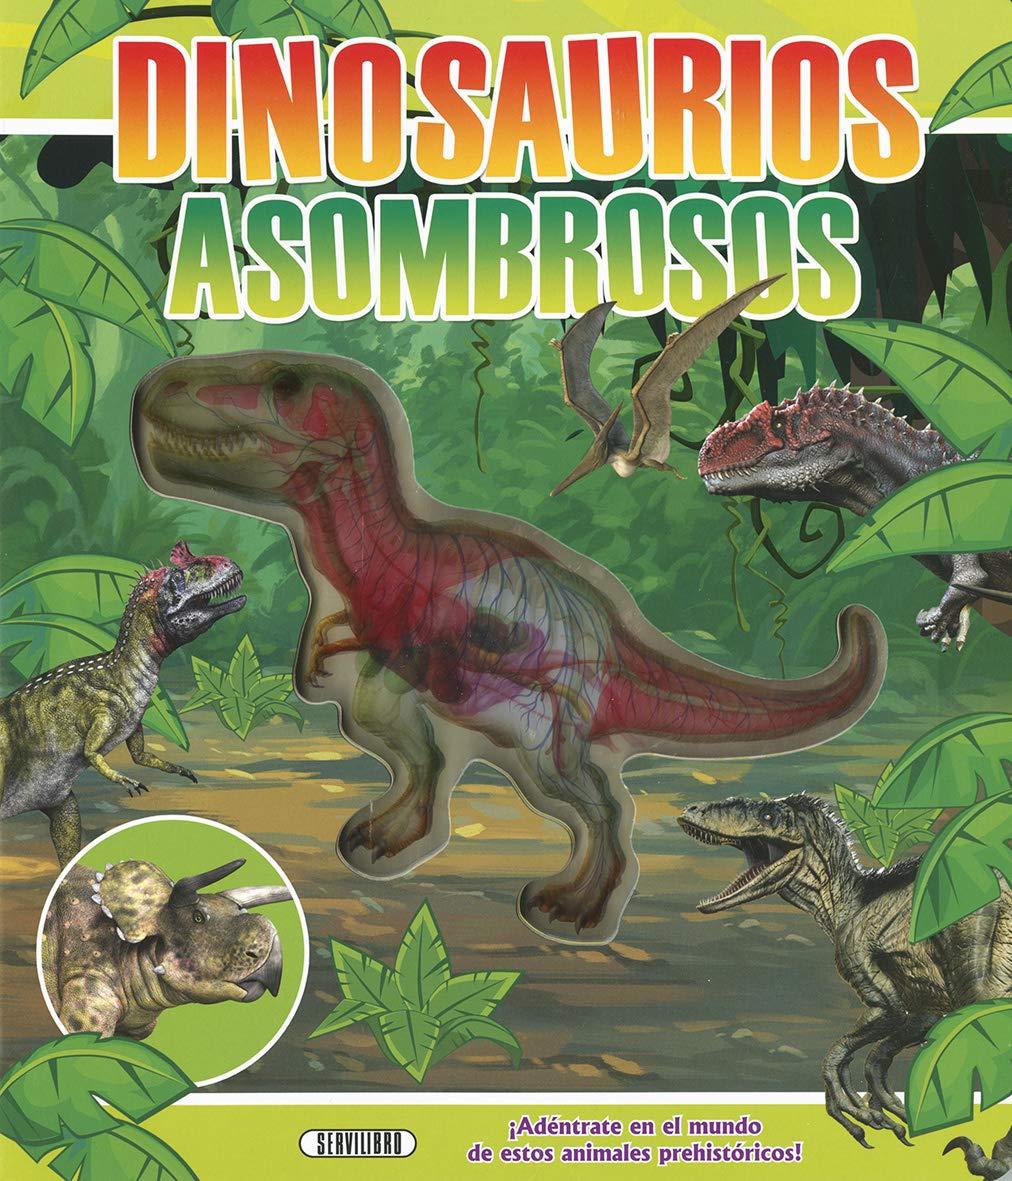 Dinosaurios asombrosos: 9788490052044: Amazon.com: Books